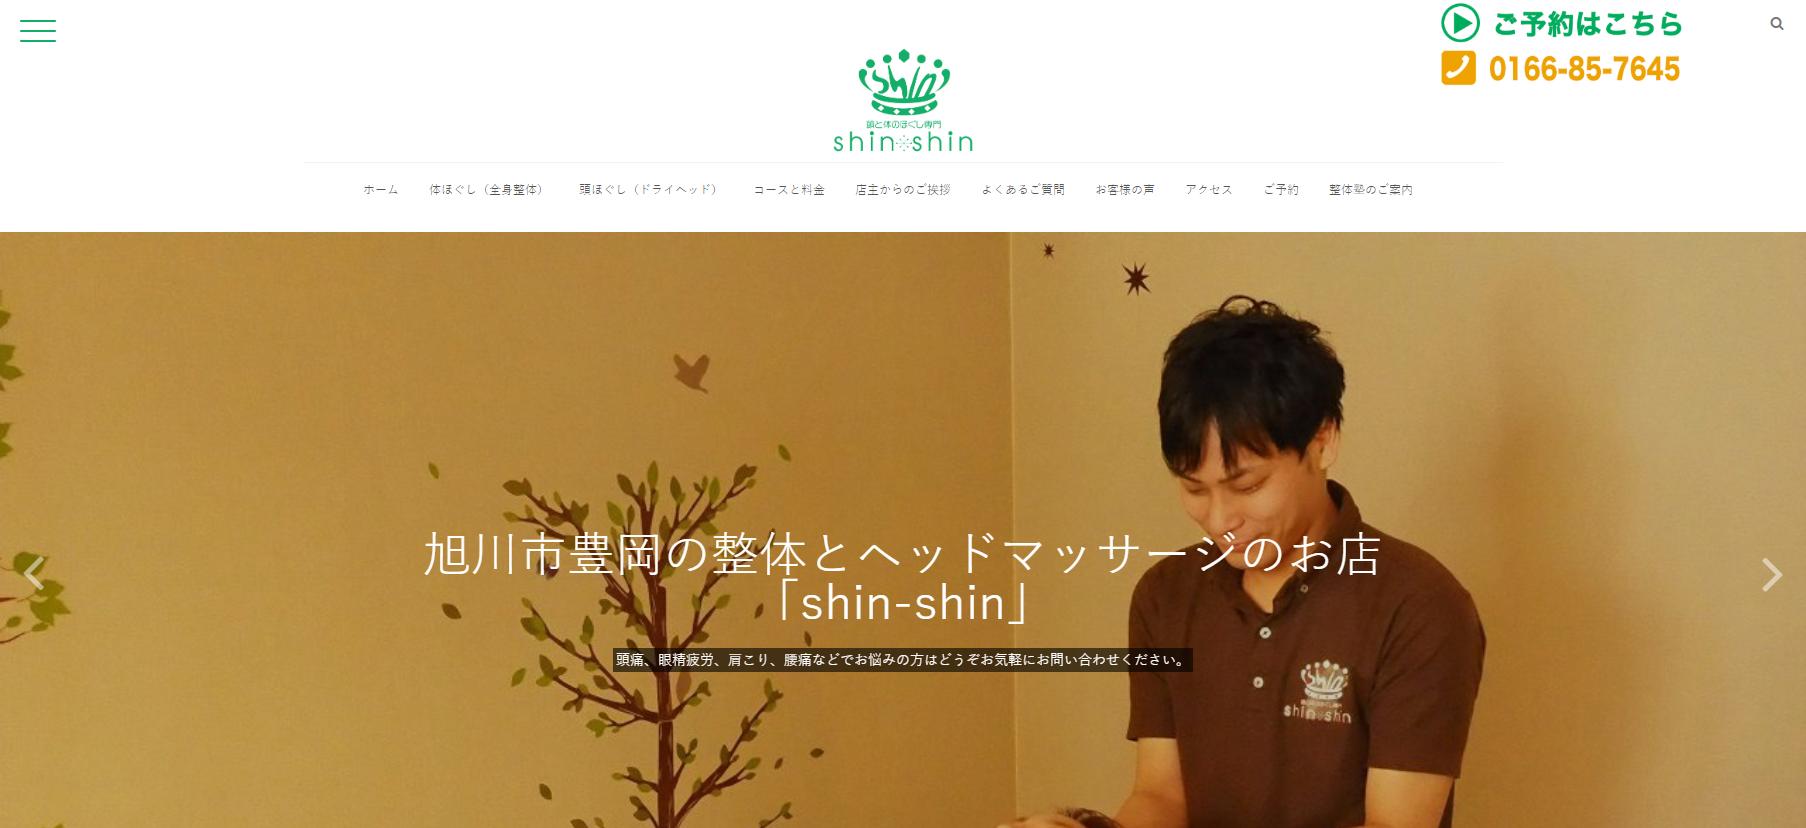 shin-shinのサムネイル